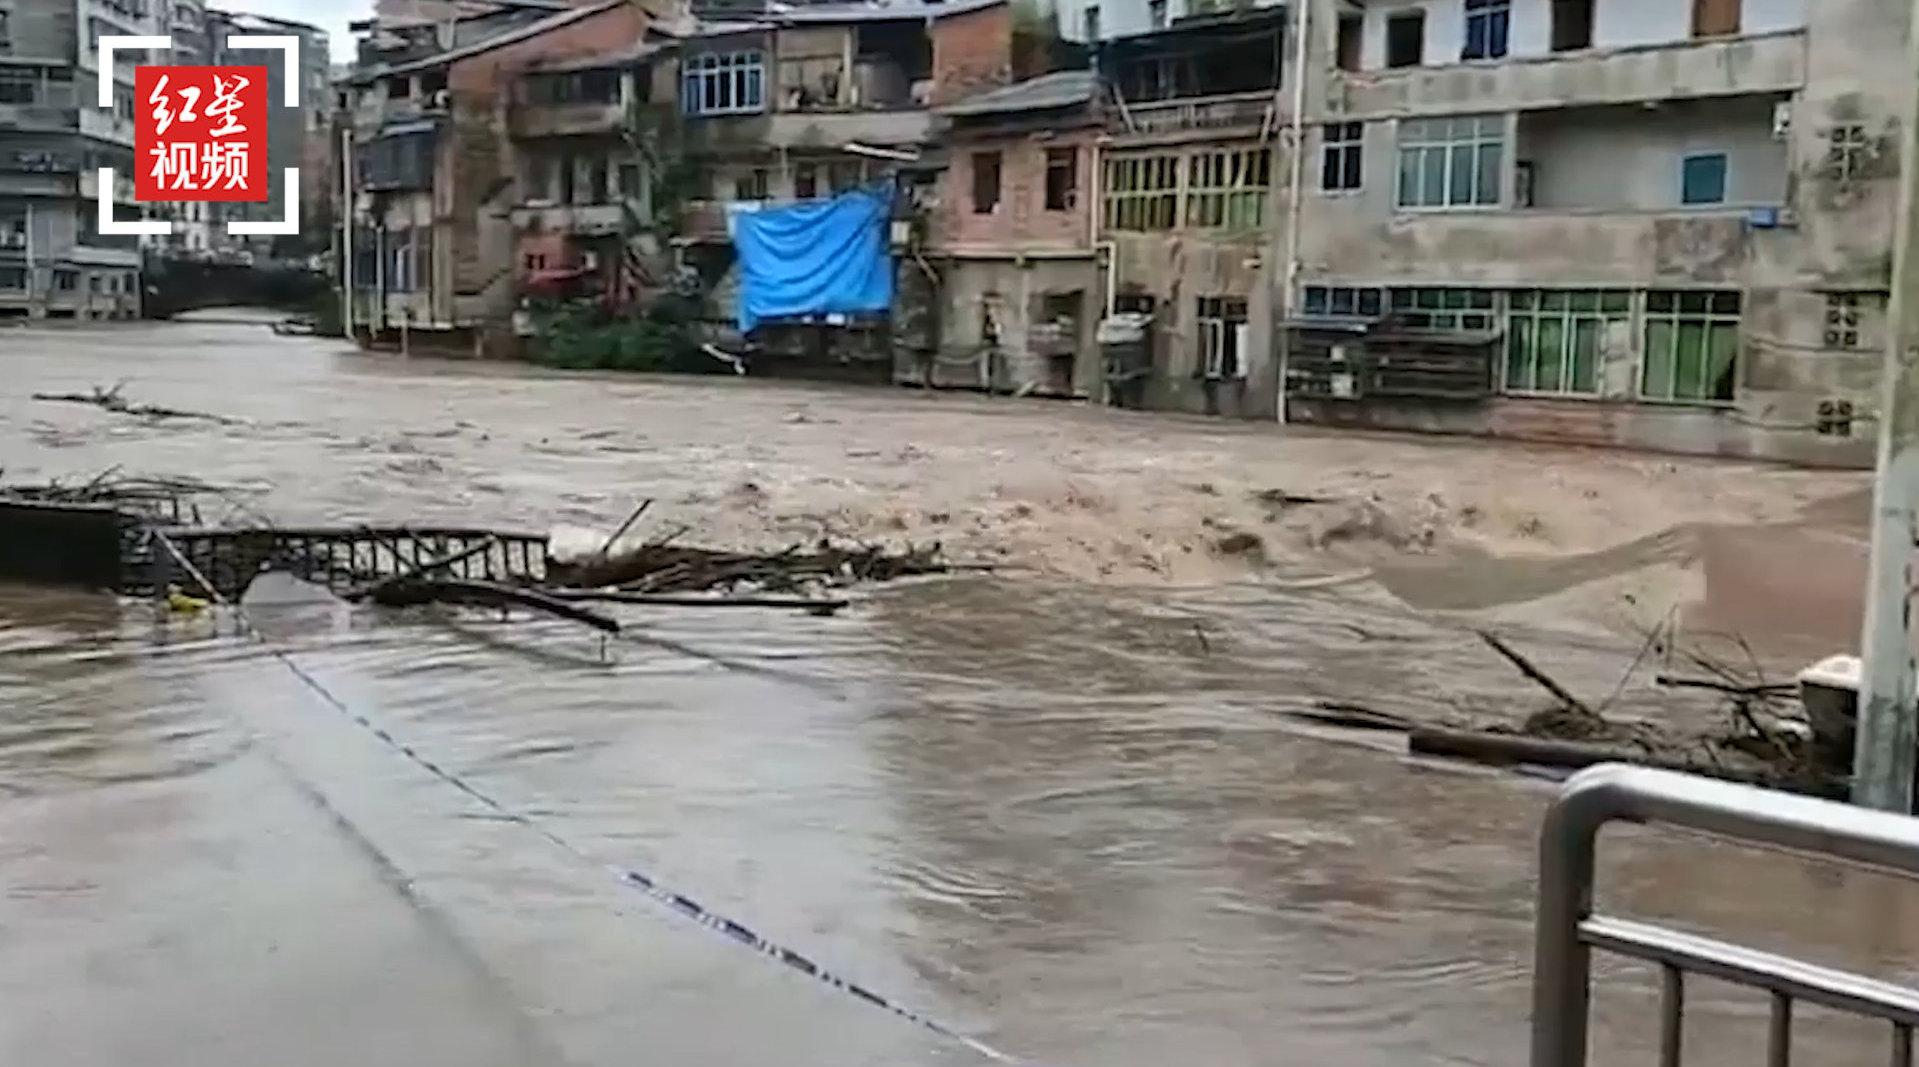 暴雨引发四川巴中城区内涝